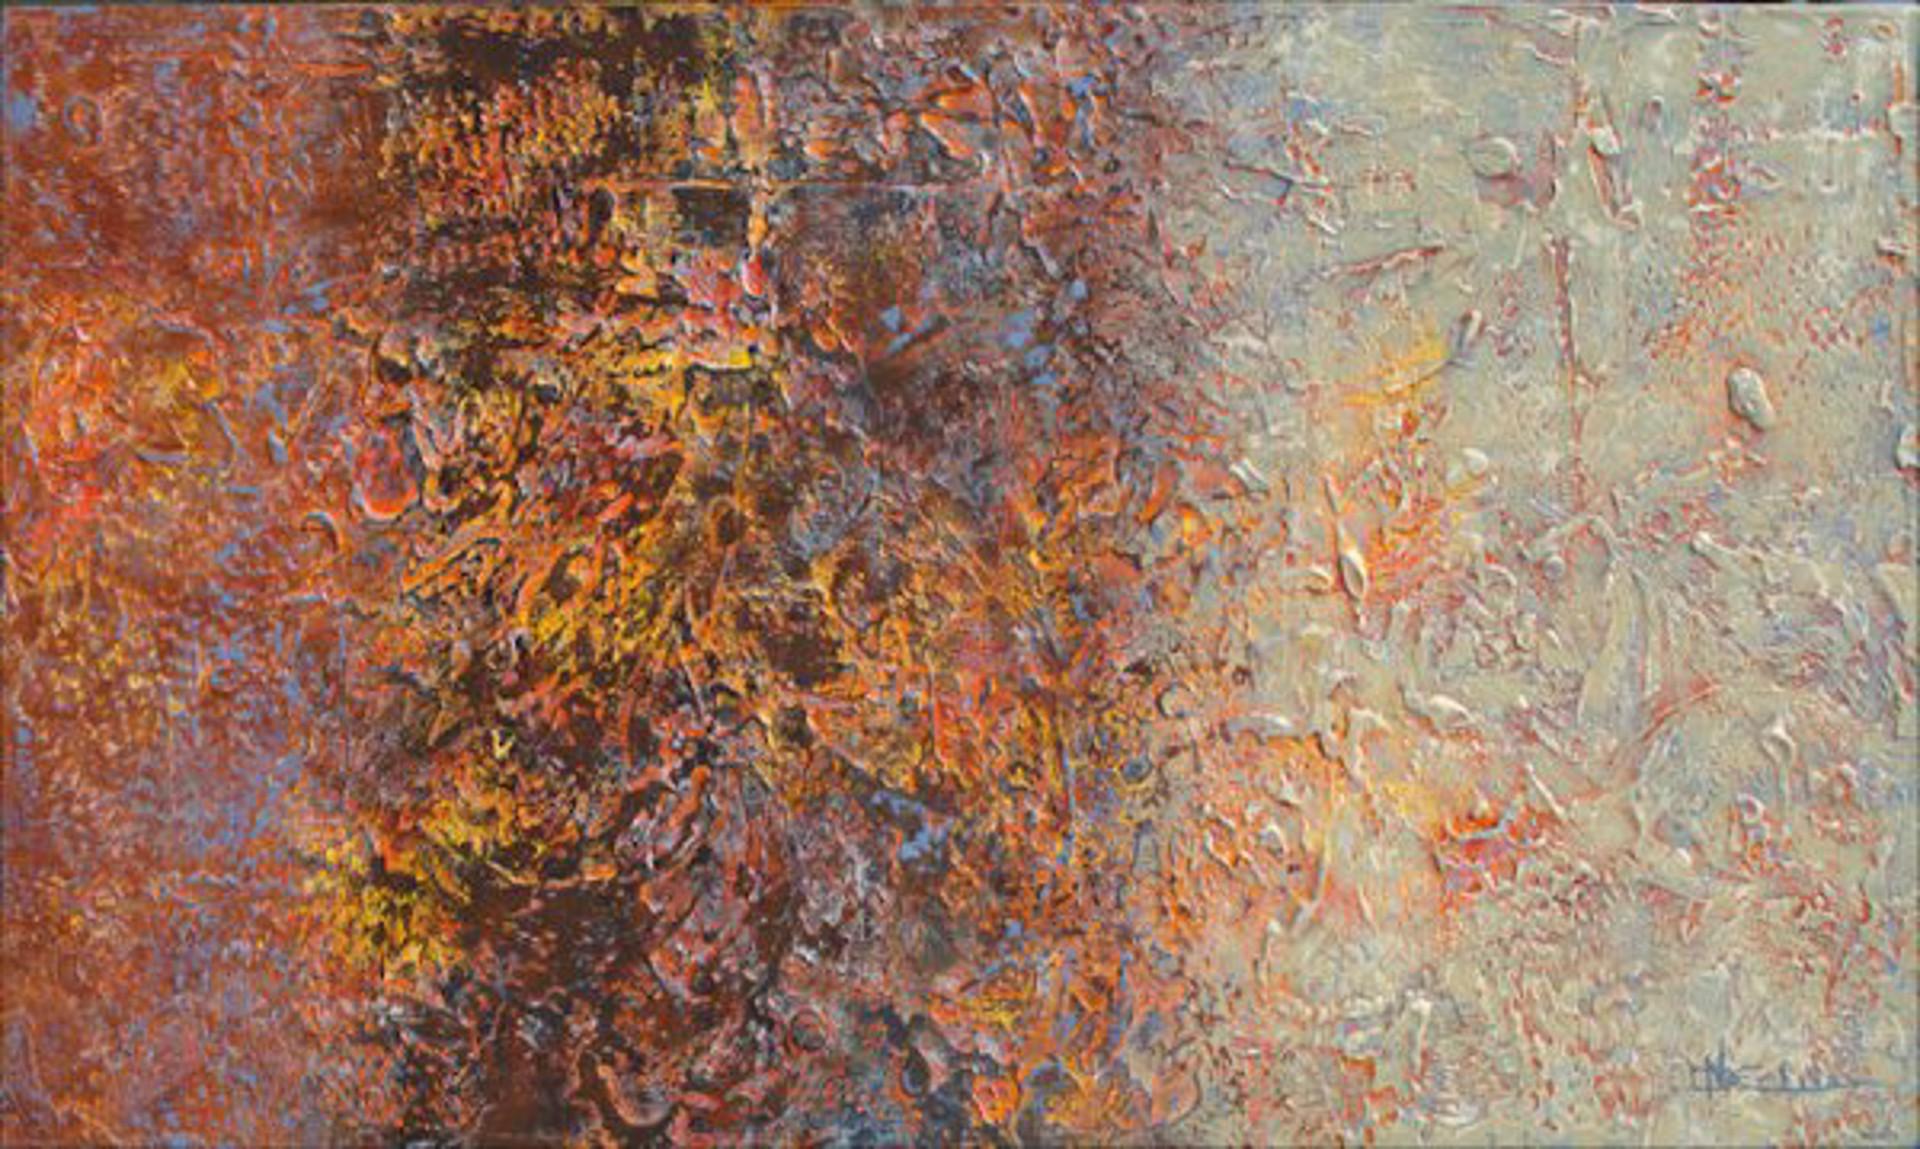 Incremental by Nancy Eckels